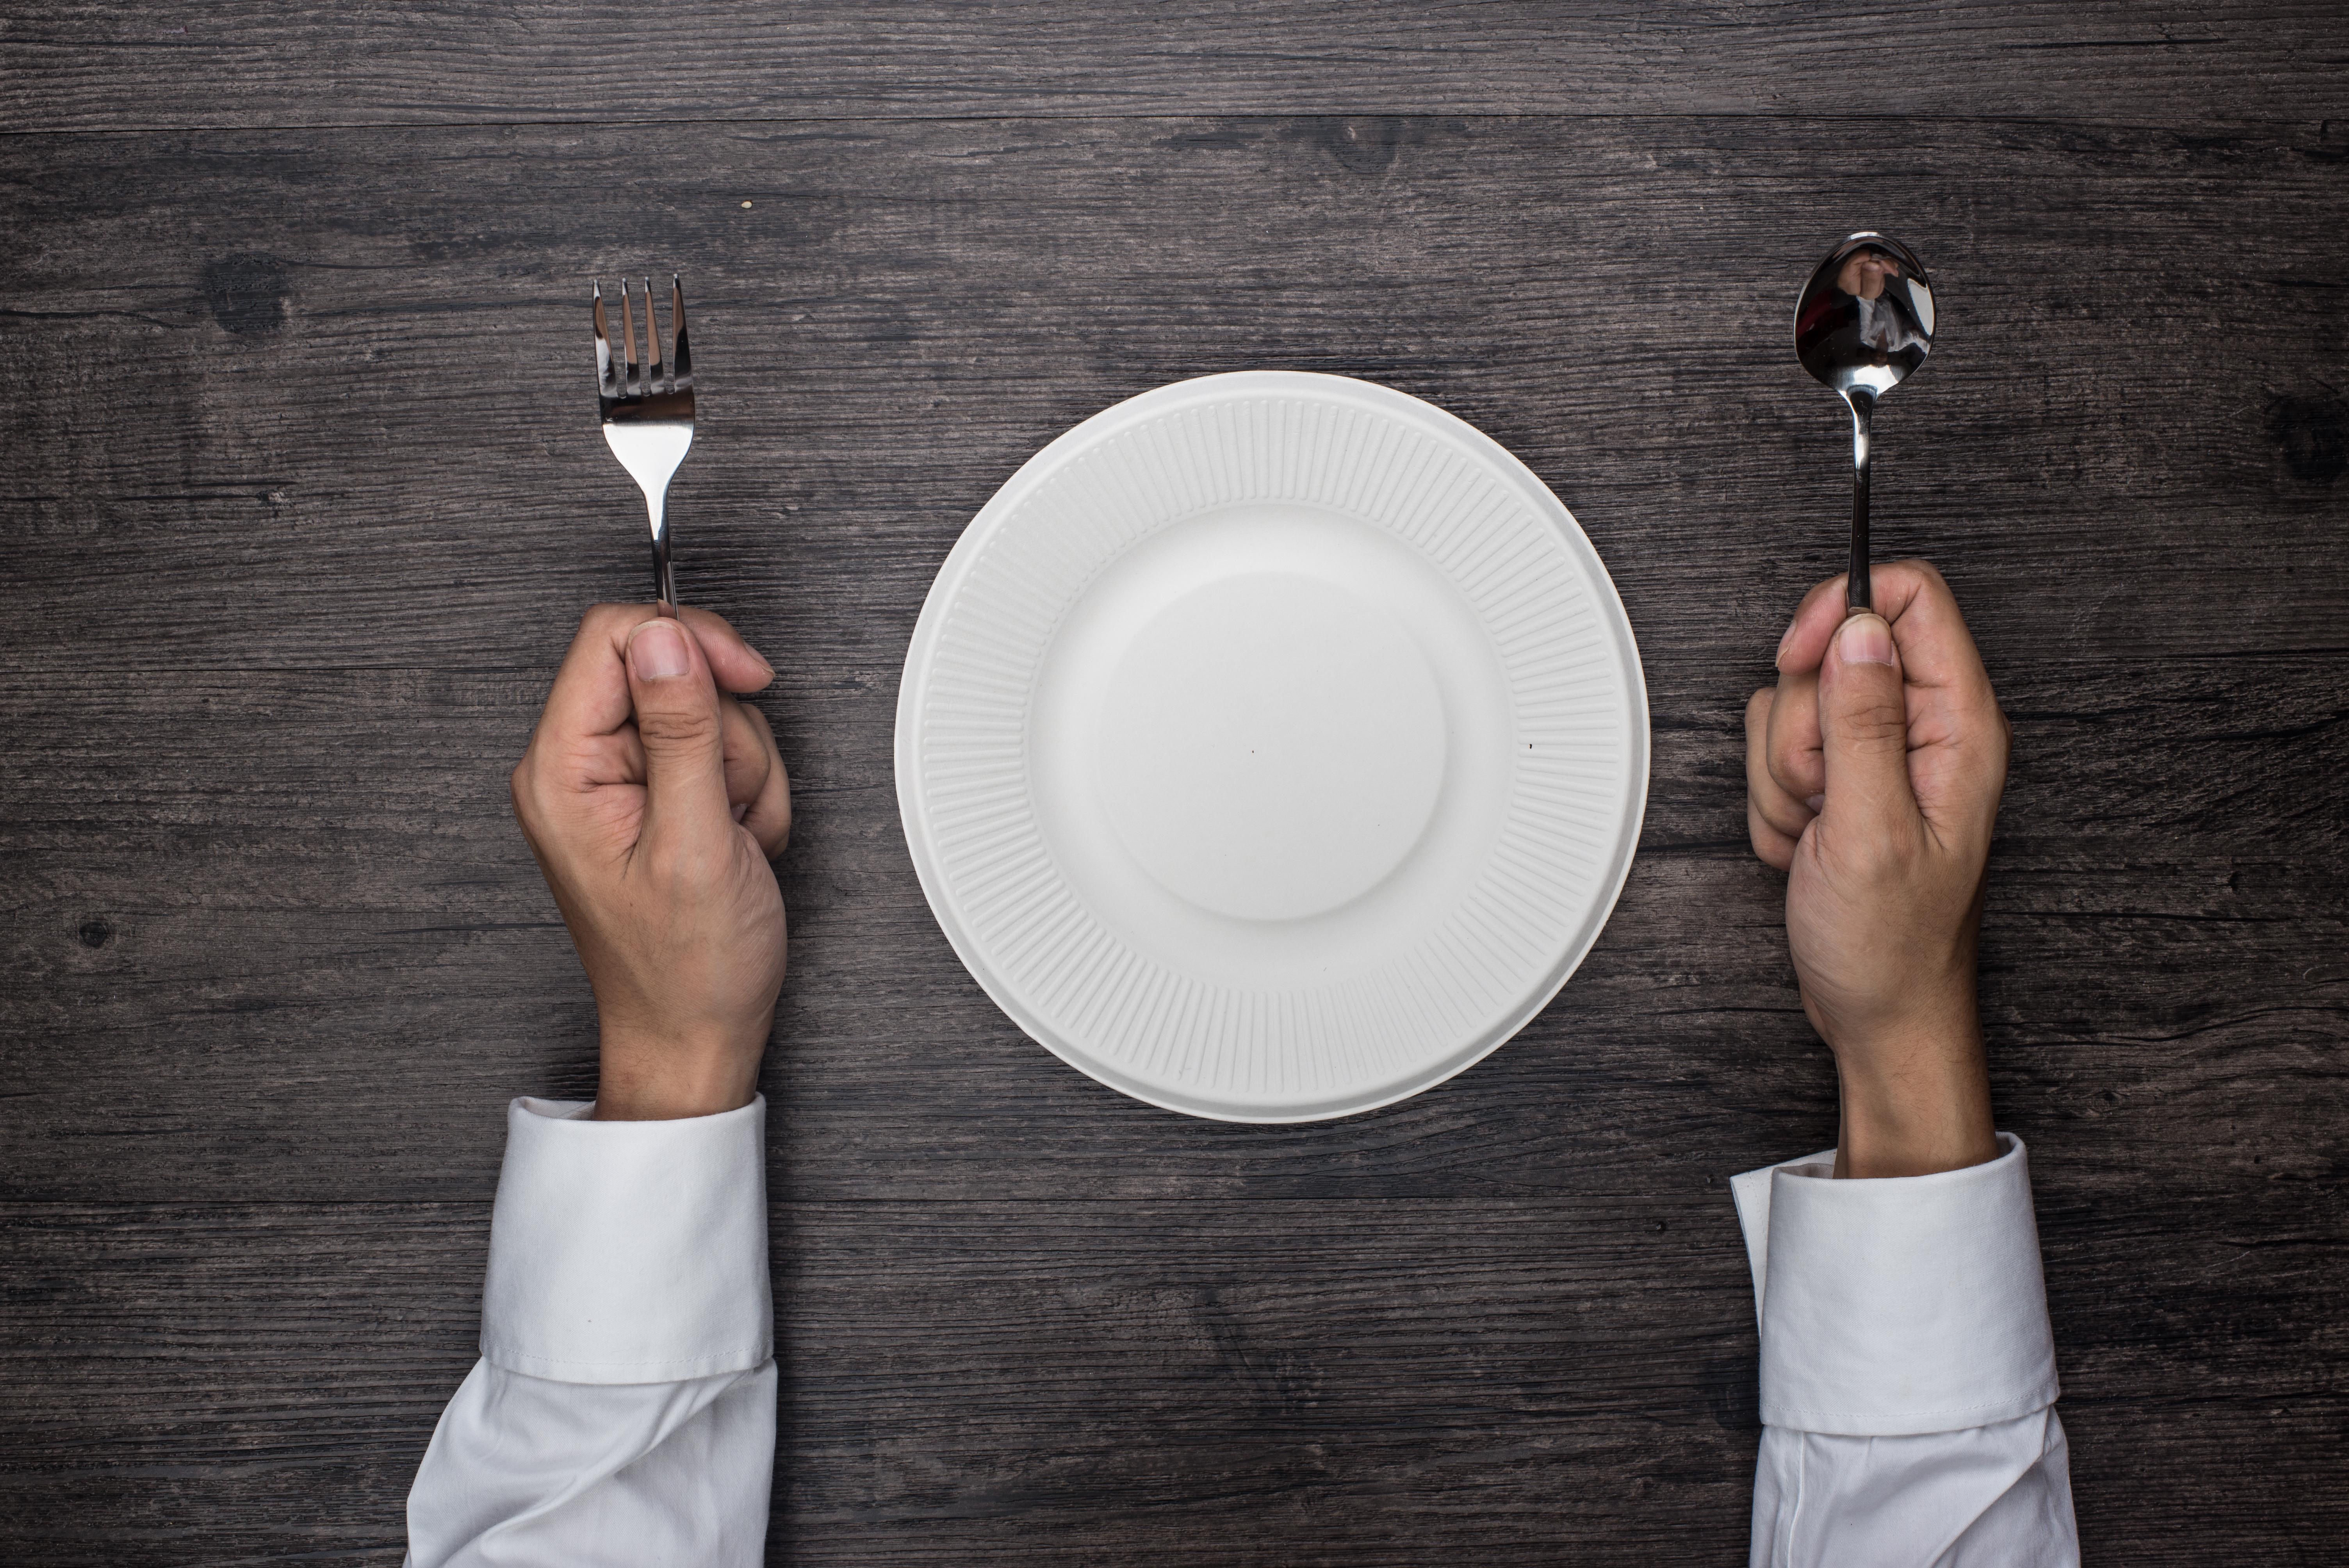 éhségérzet okaii